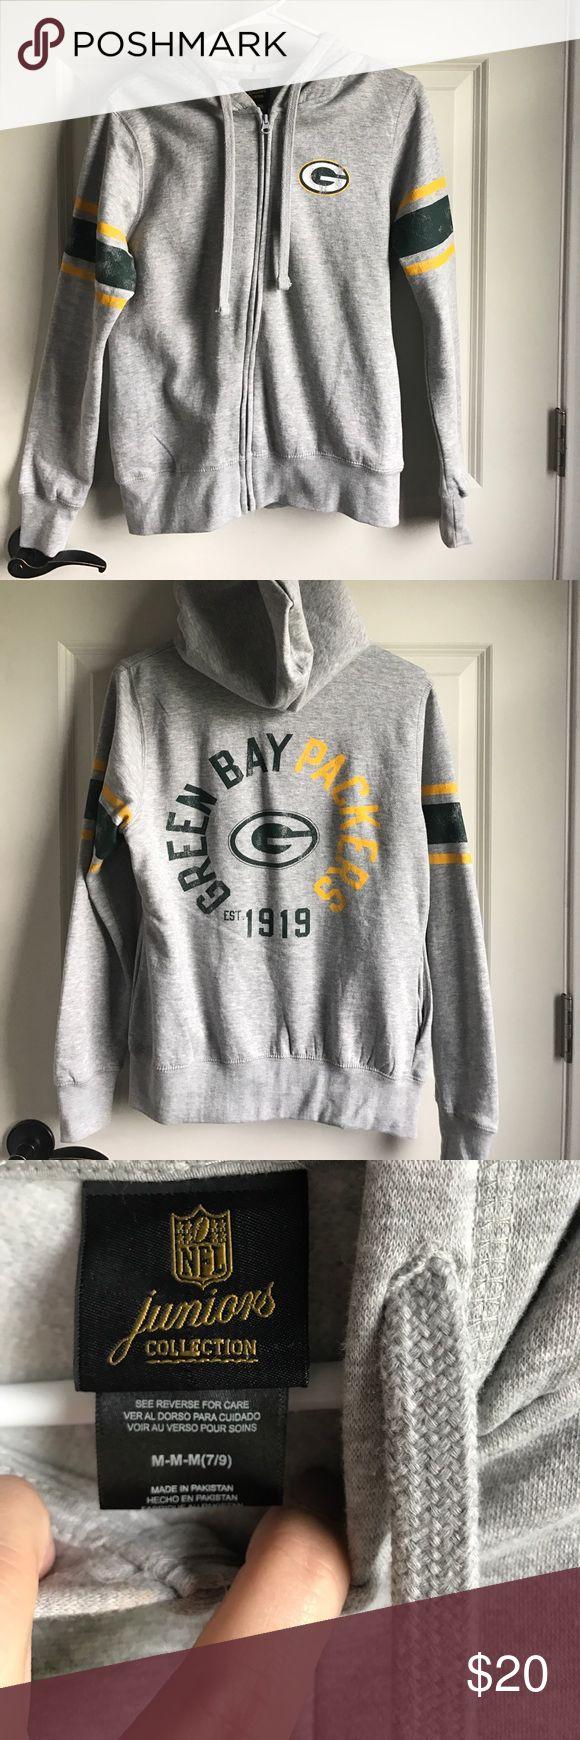 NFL juniors packer zip up Size medium NFL juniors zip up hoodie nfl Tops Sweatshirts & Hoodies